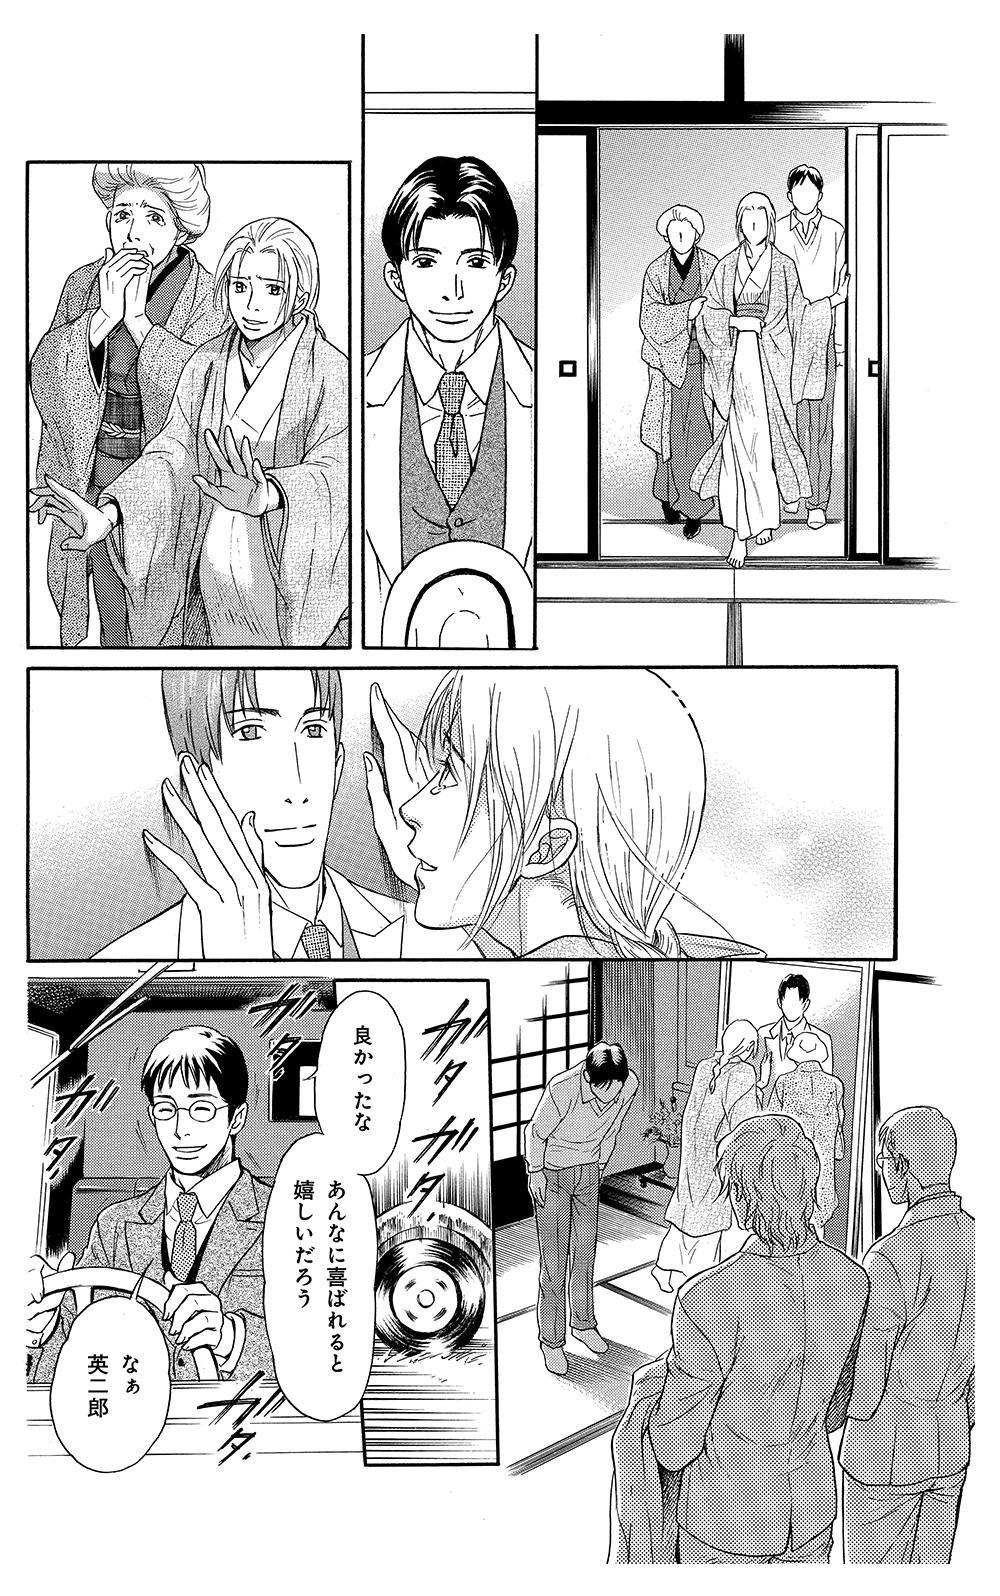 鵼の絵師 第1話「鵼の絵師」①nue-1-14.jpg